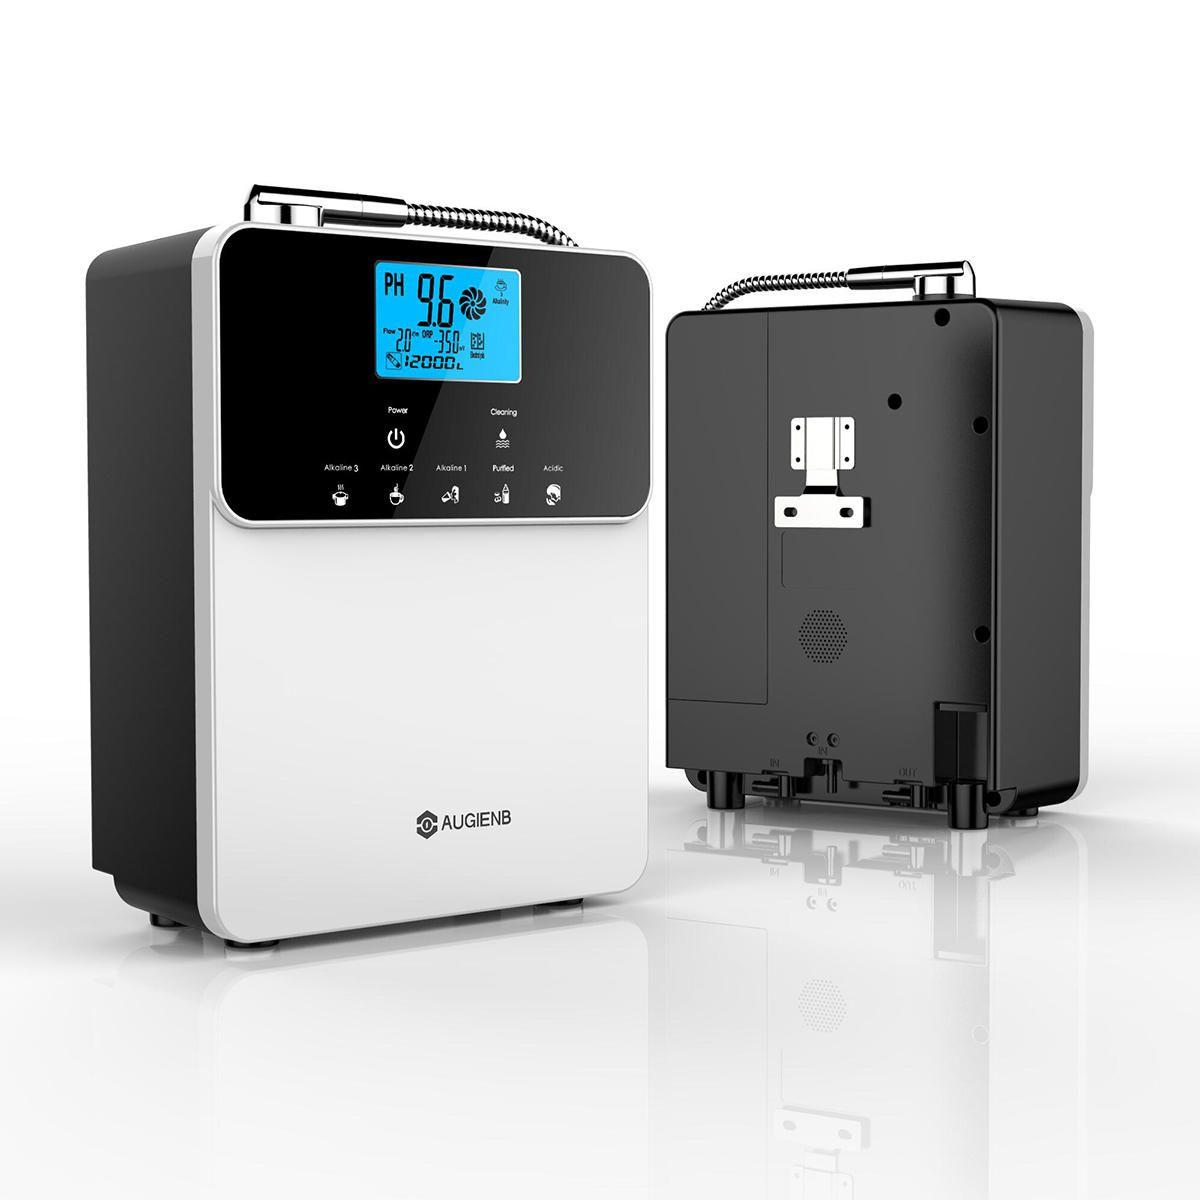 LRF US$622.67 AUGIENB Water Ionizer & Purifier Machine PH 3.5-11 Alkaline Acid Water Purifier